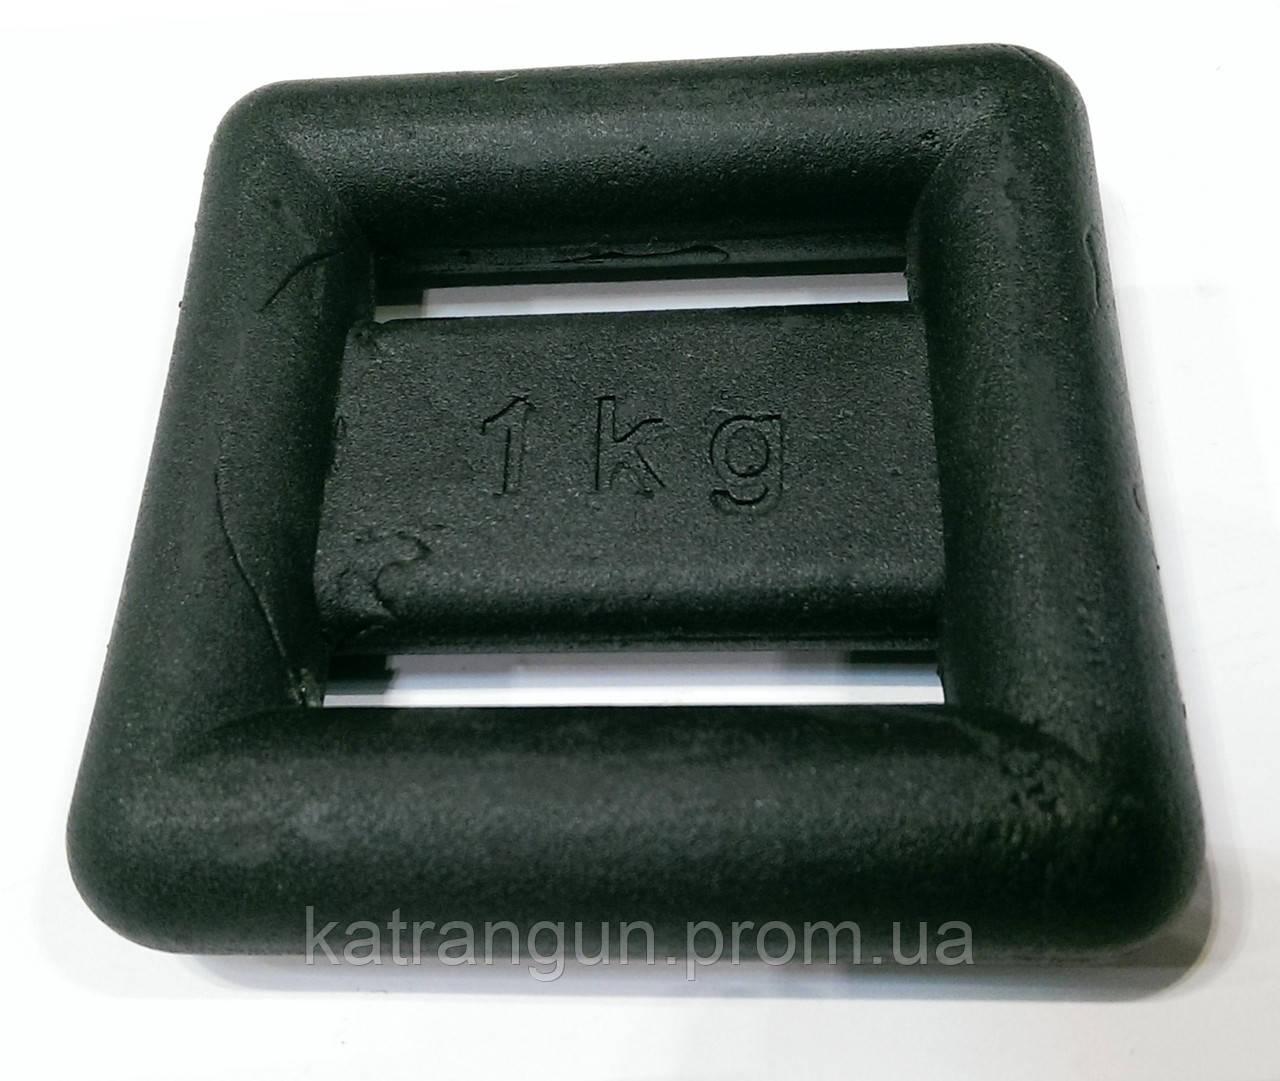 Груз для подводной охоты 1 кг; крашеный - Магазин подводного снаряжения KatranGun — подводная охота, дайвинг, плавание, бассейн, обучение ПО в Киеве